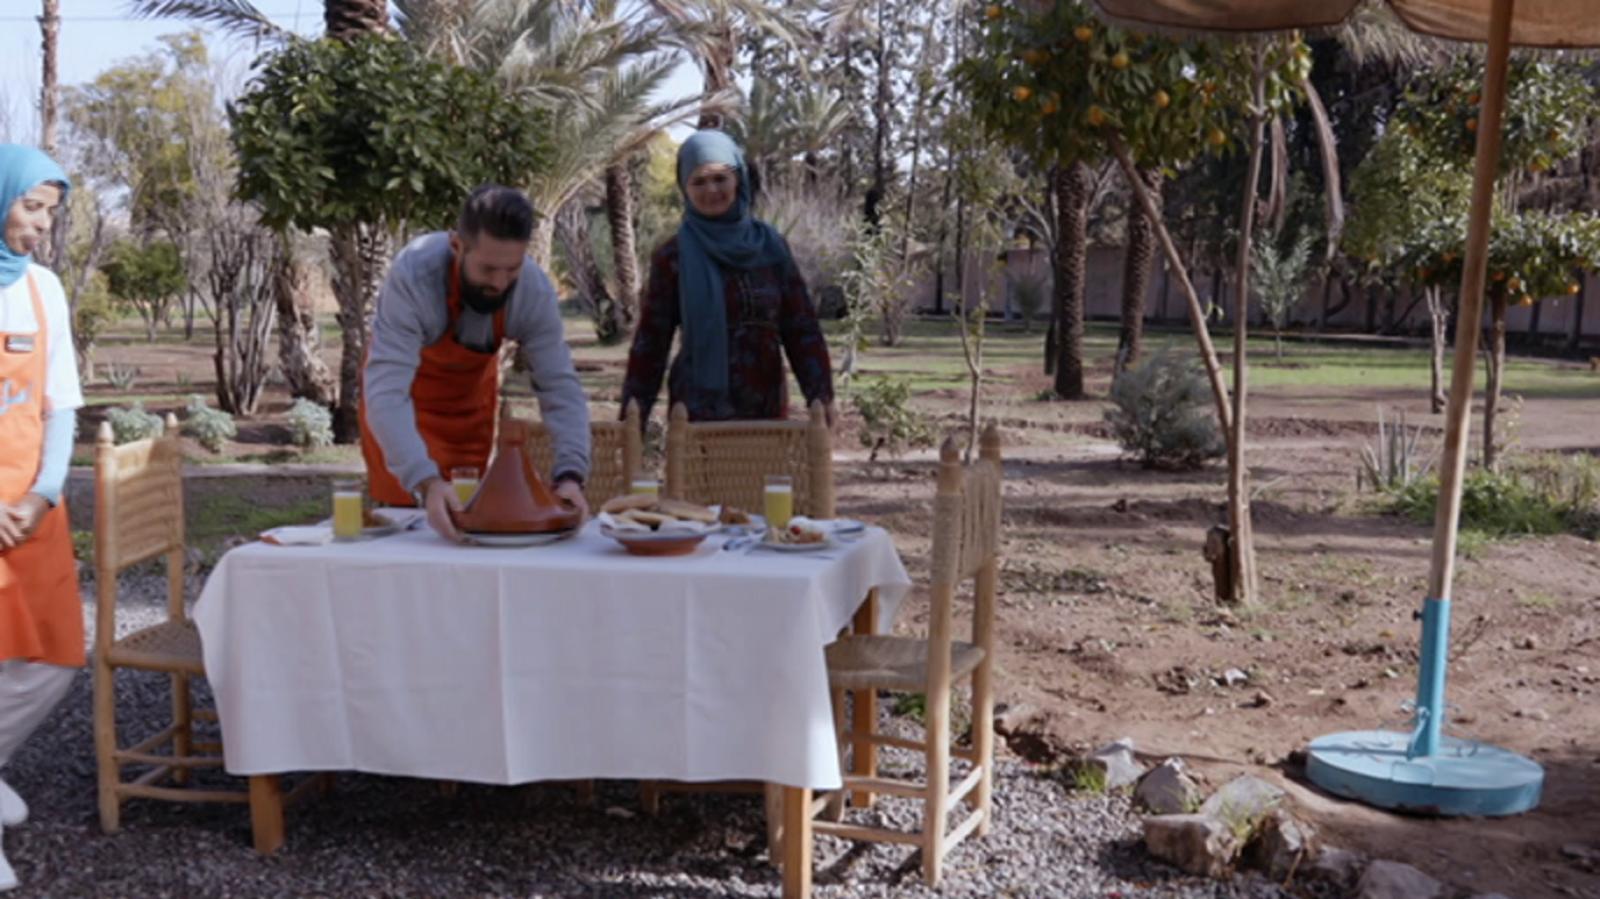 Comerse el mundo - Marruecos - ver ahora